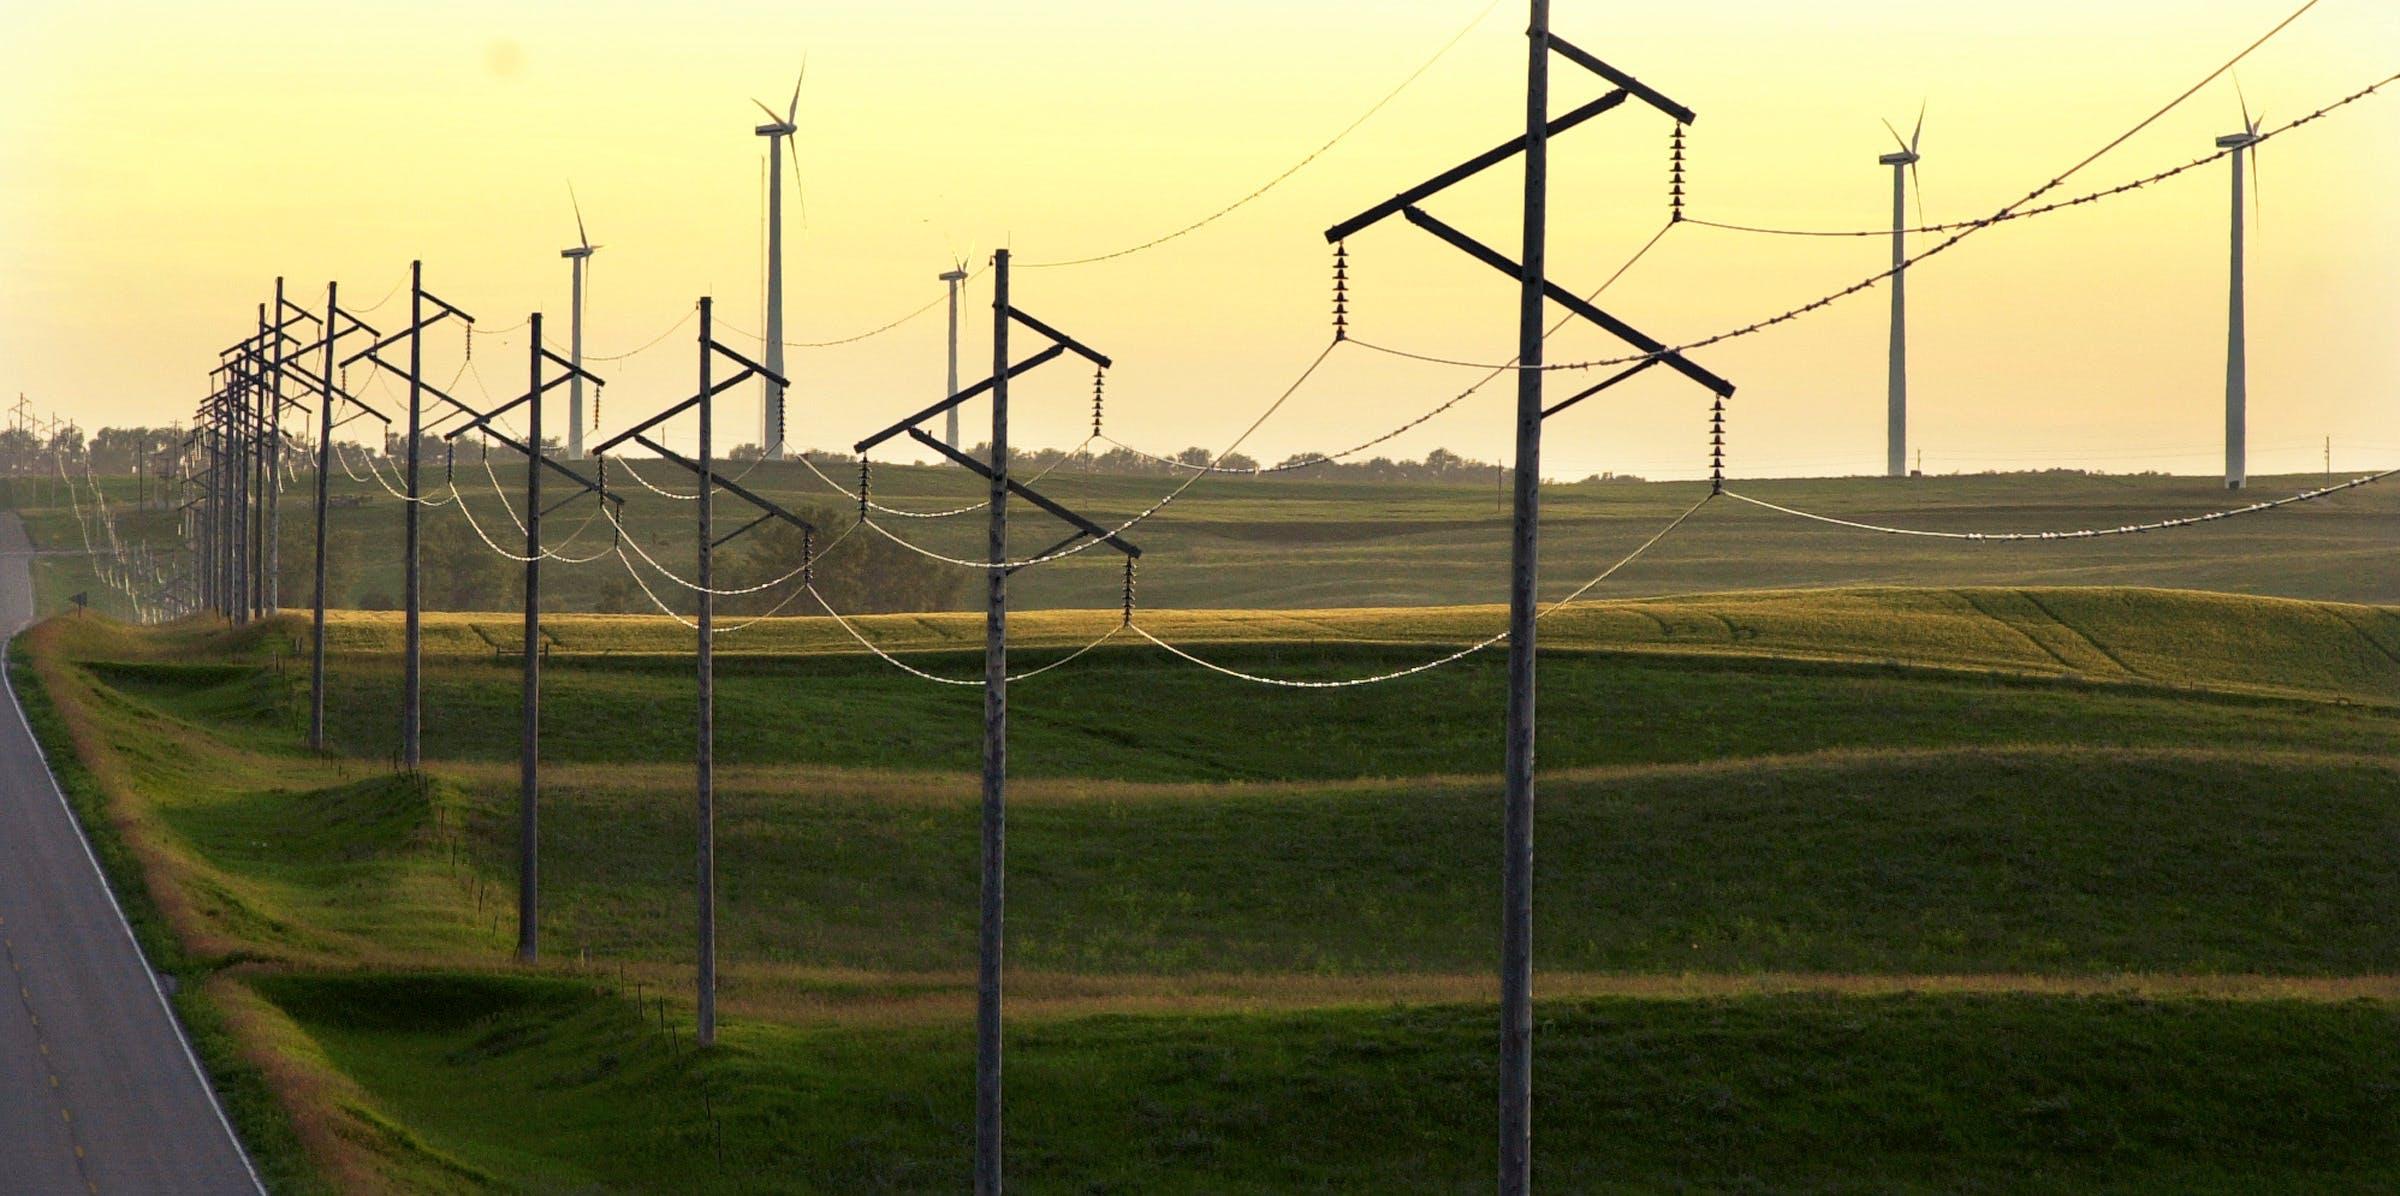 Power lines in southwestern Minnesota.